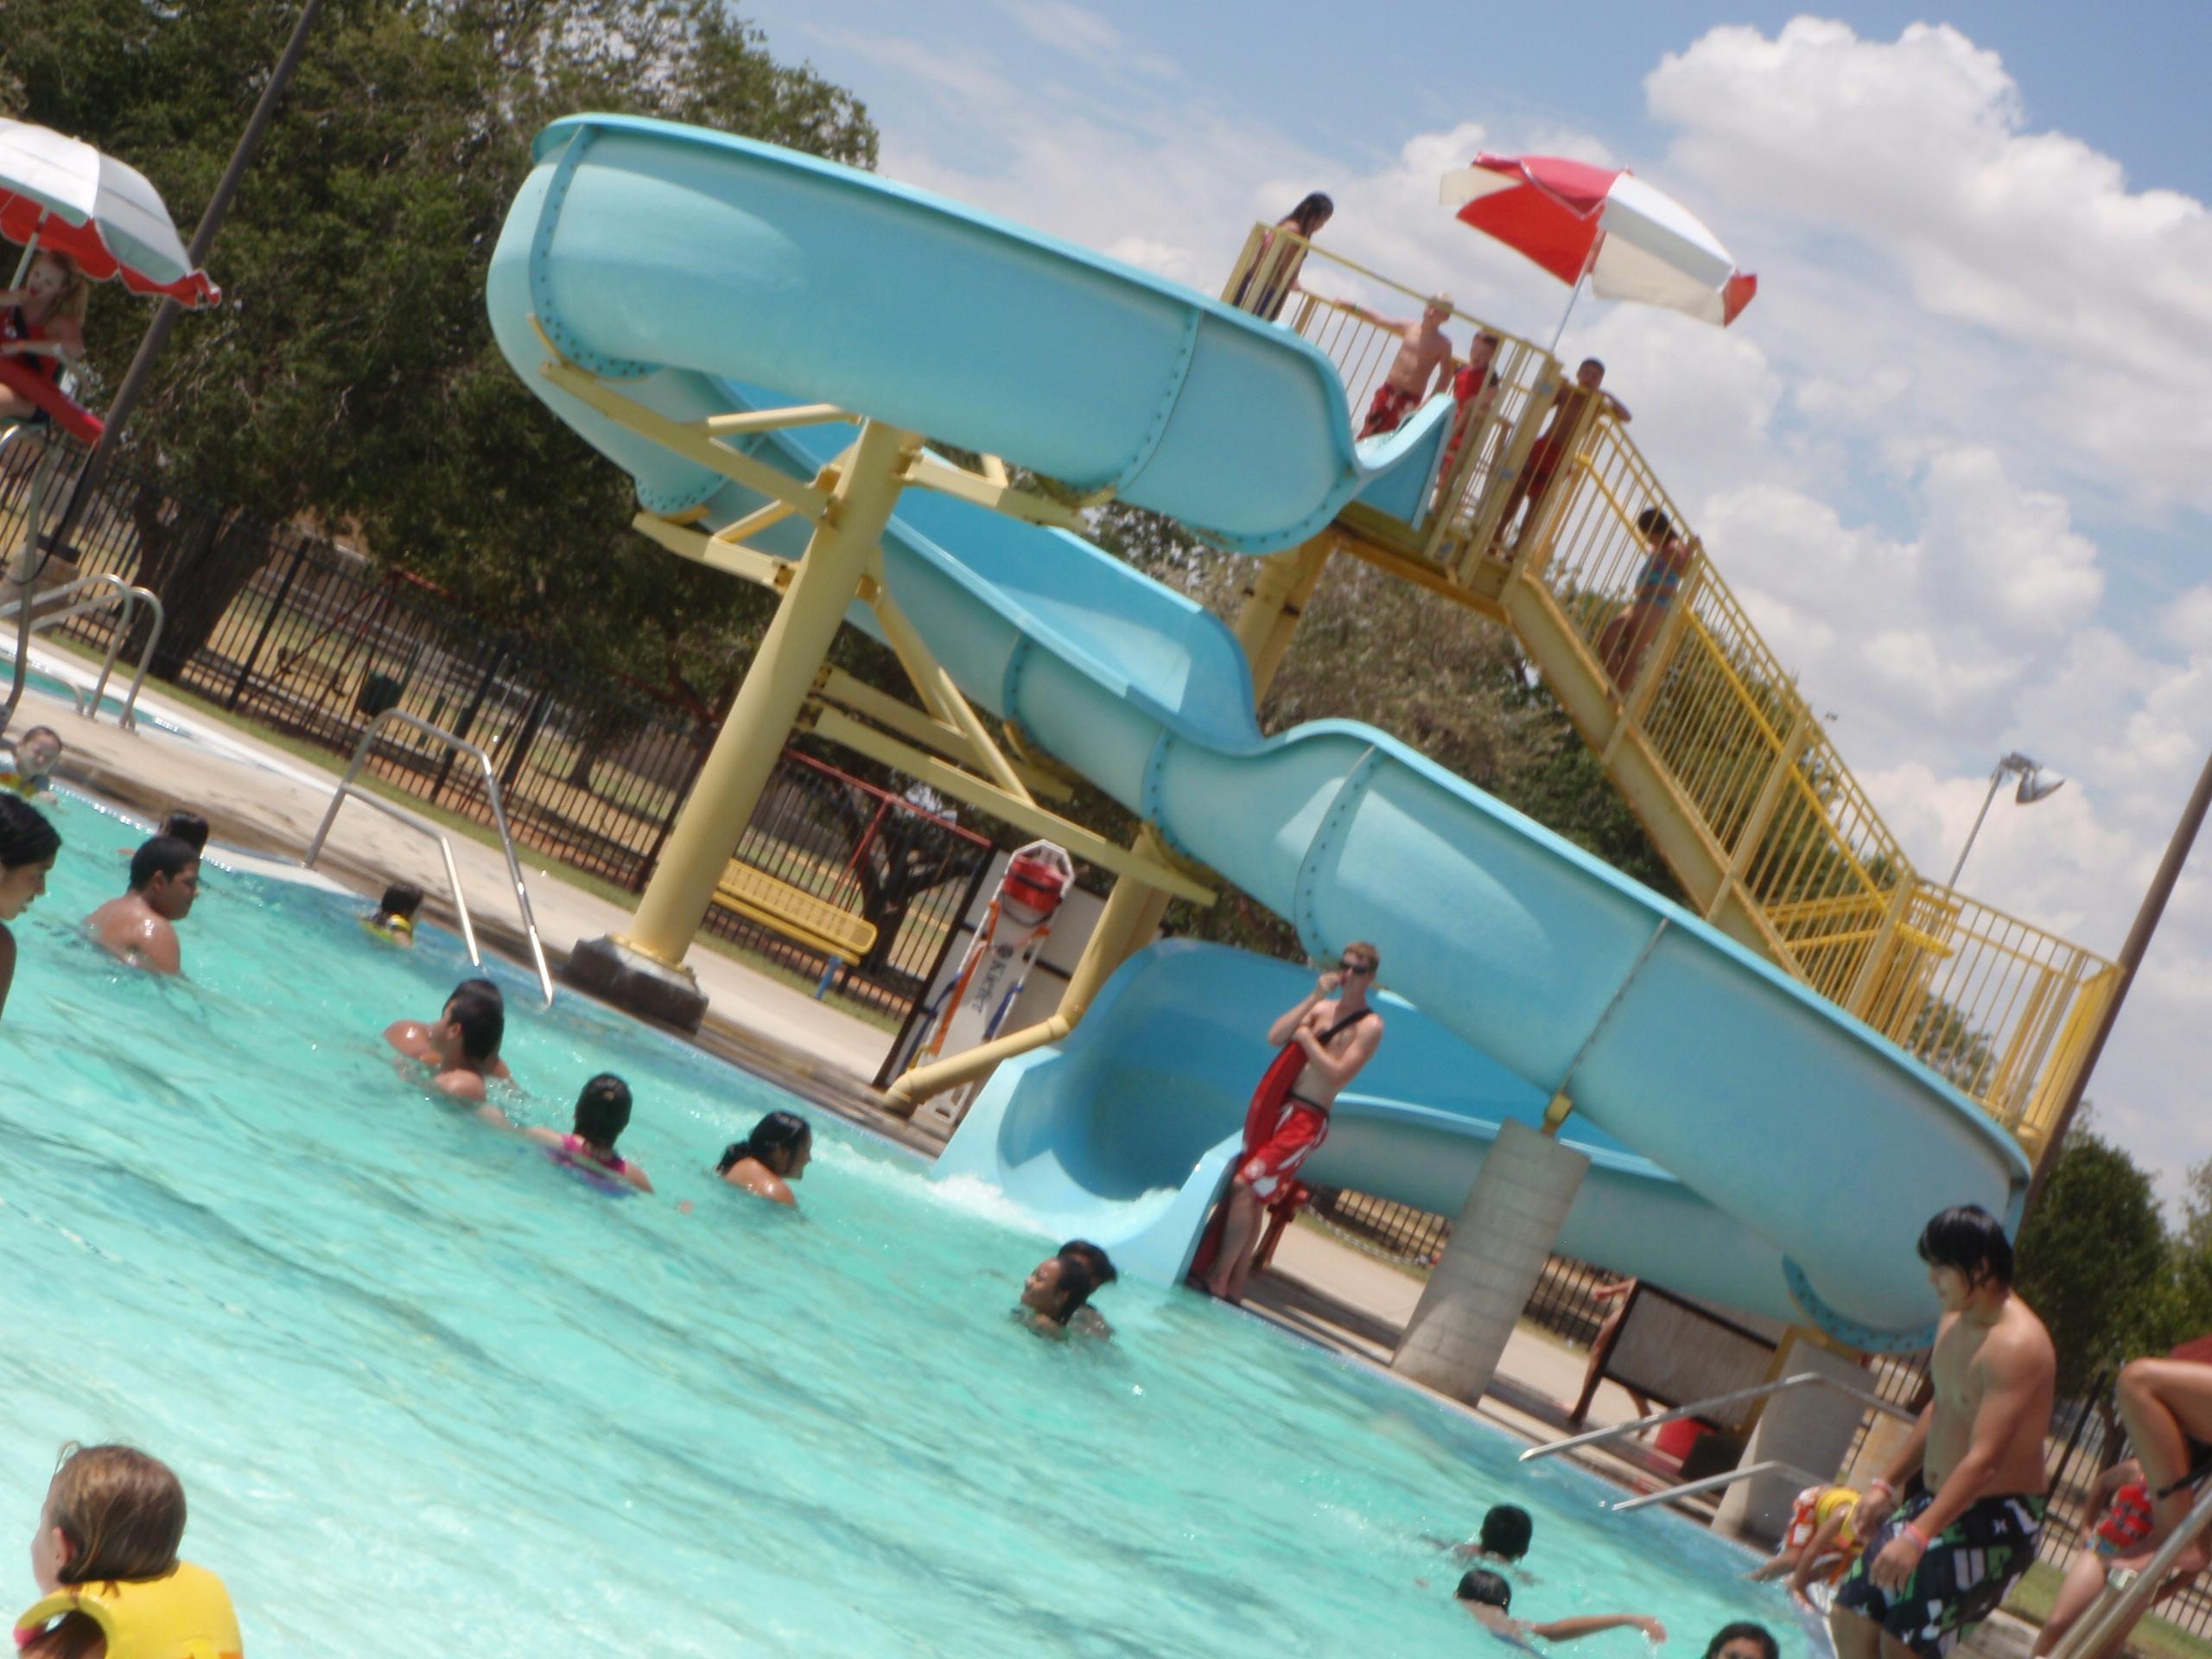 aquatic centers